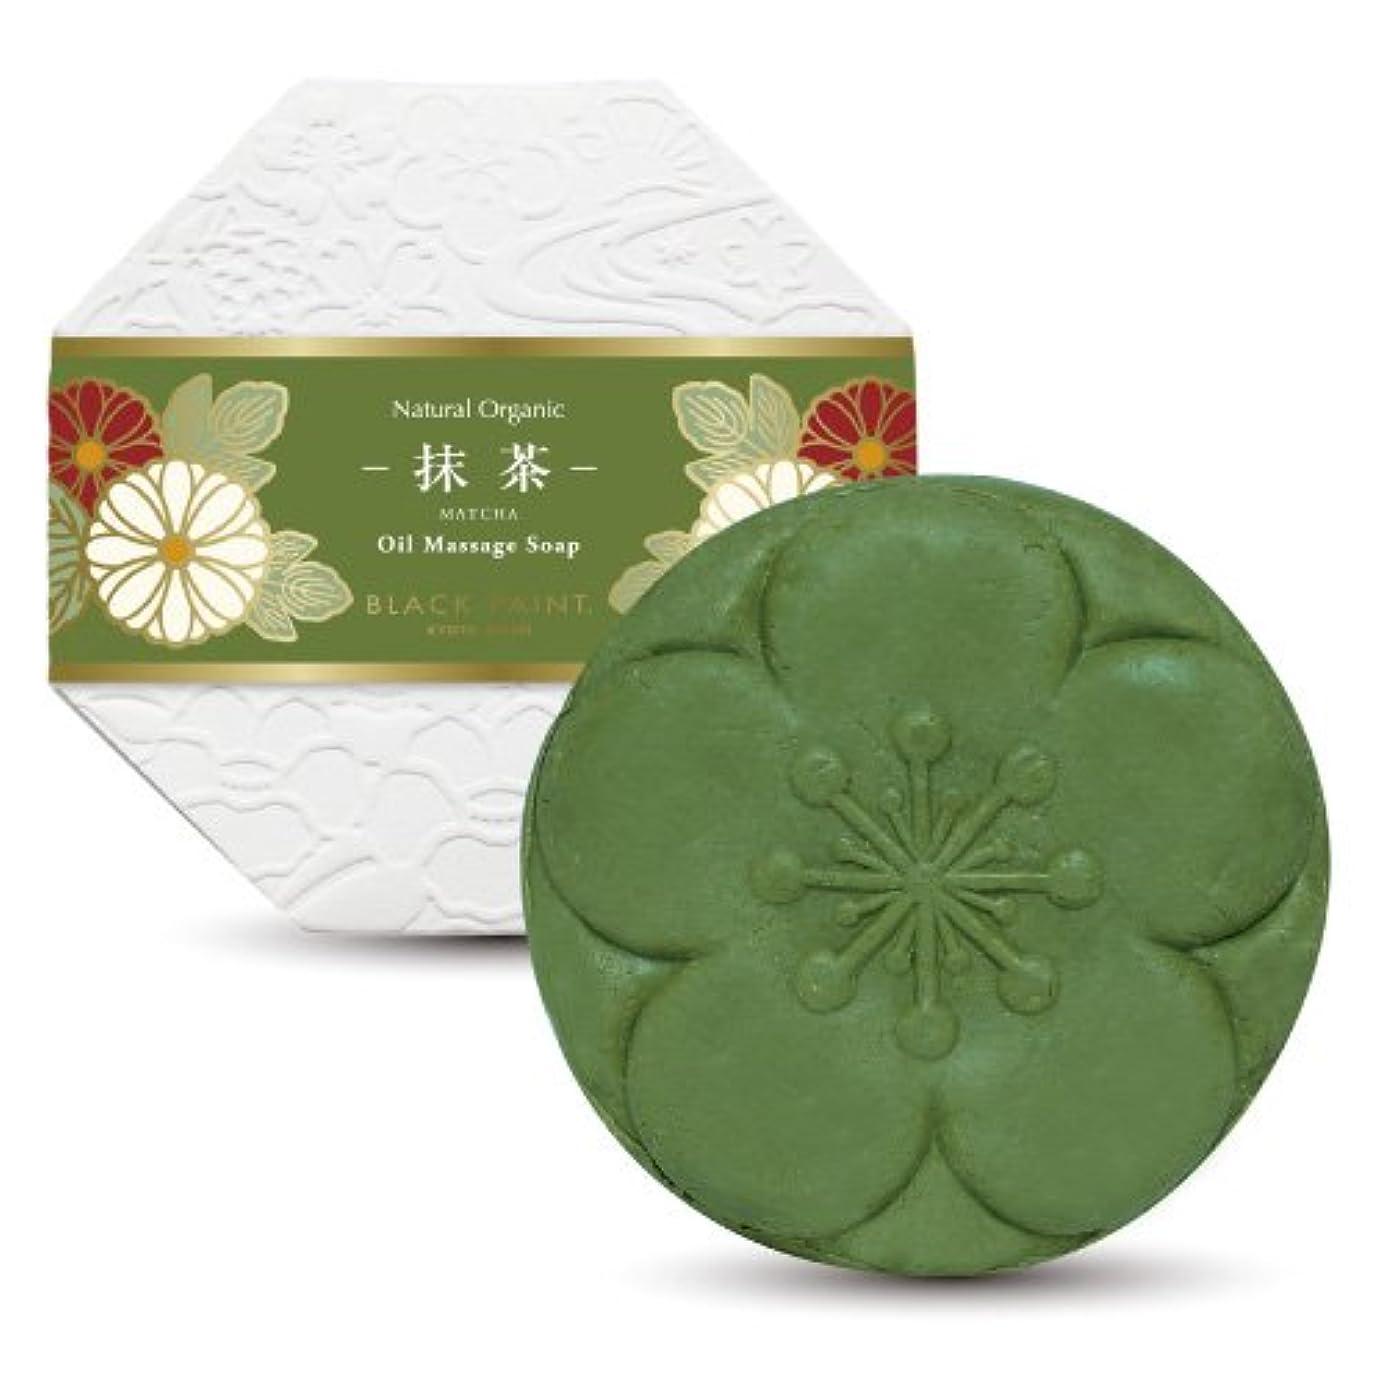 レインコート手のひら小麦京のお茶石鹸 抹茶 120g 塗る石鹸